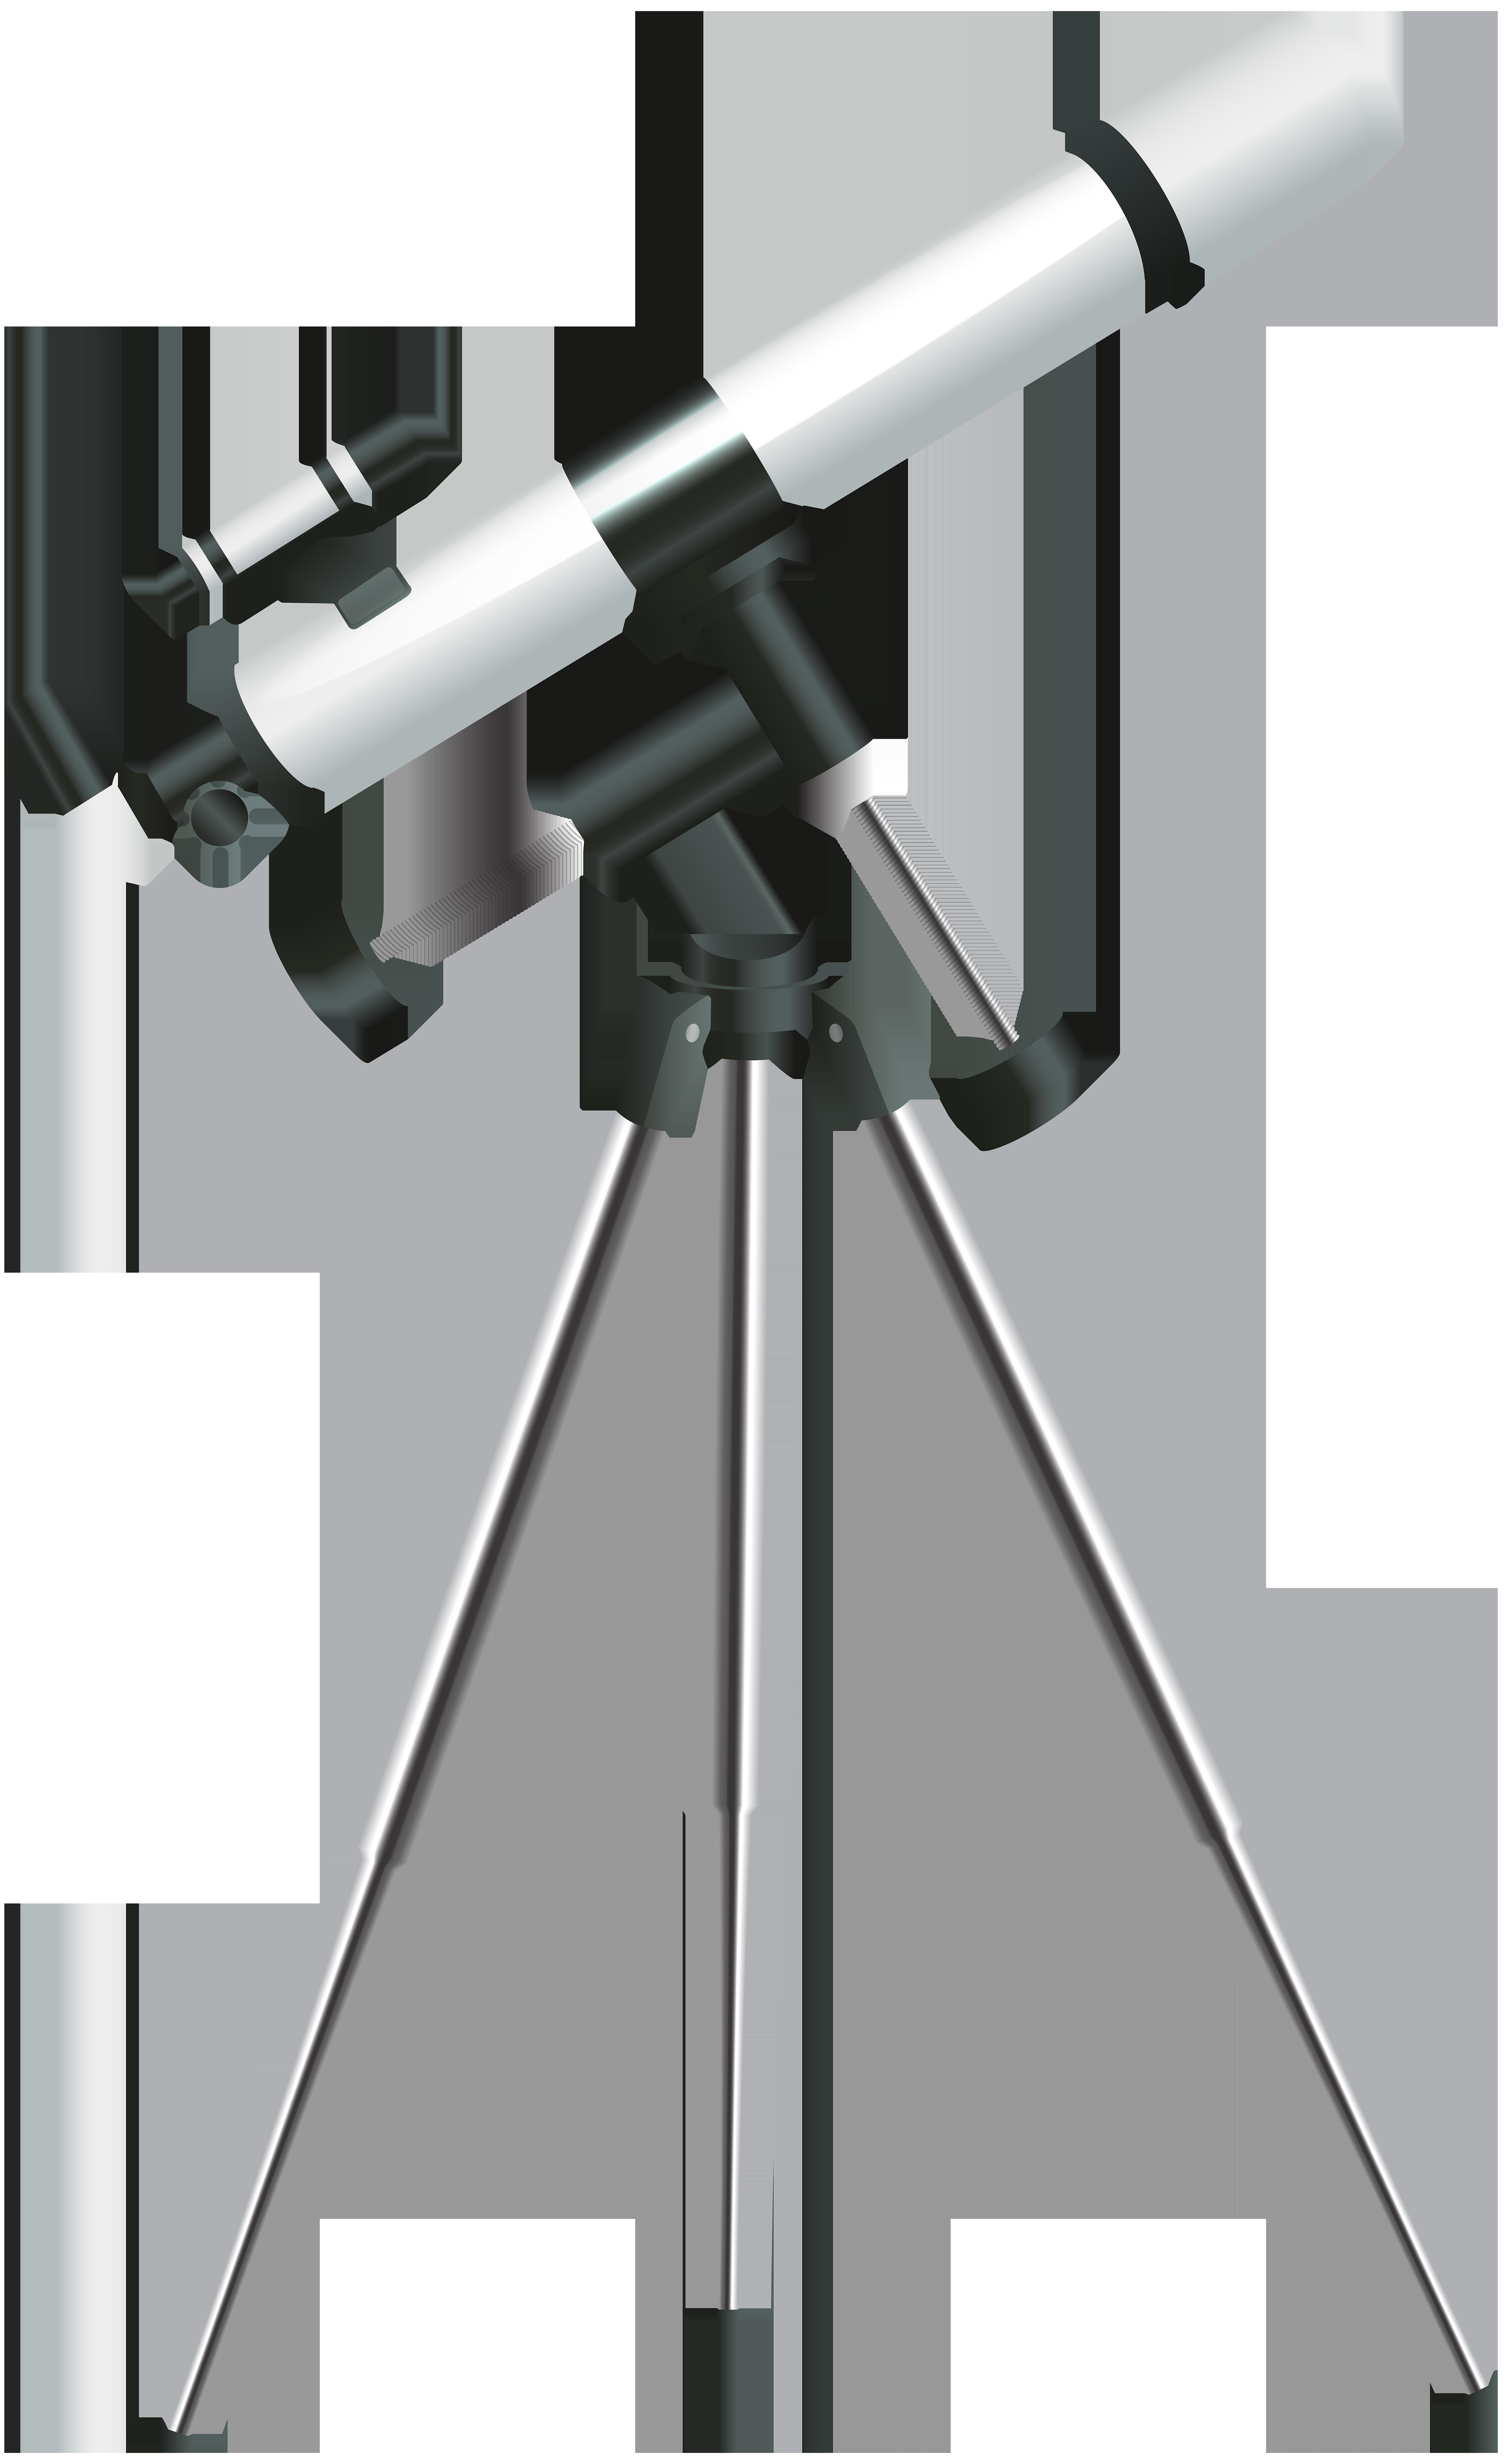 Telescope Transparent Clip Art Image.